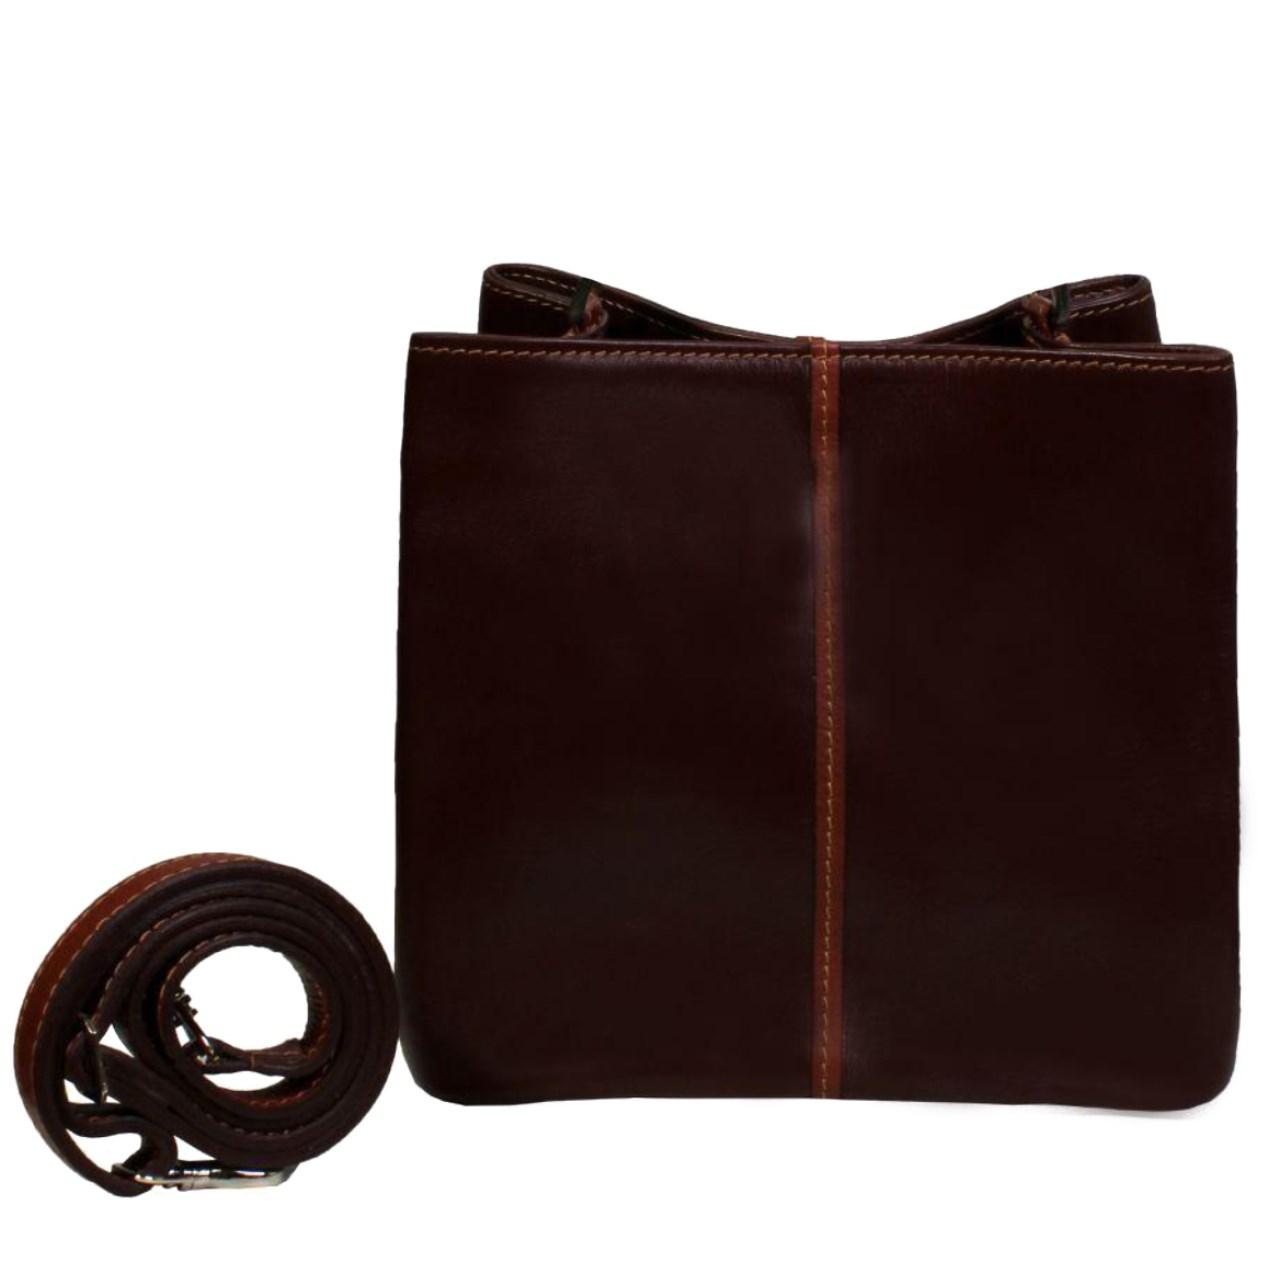 کیف دستی چرم طبیعی زنانه چرم ناب کد K201